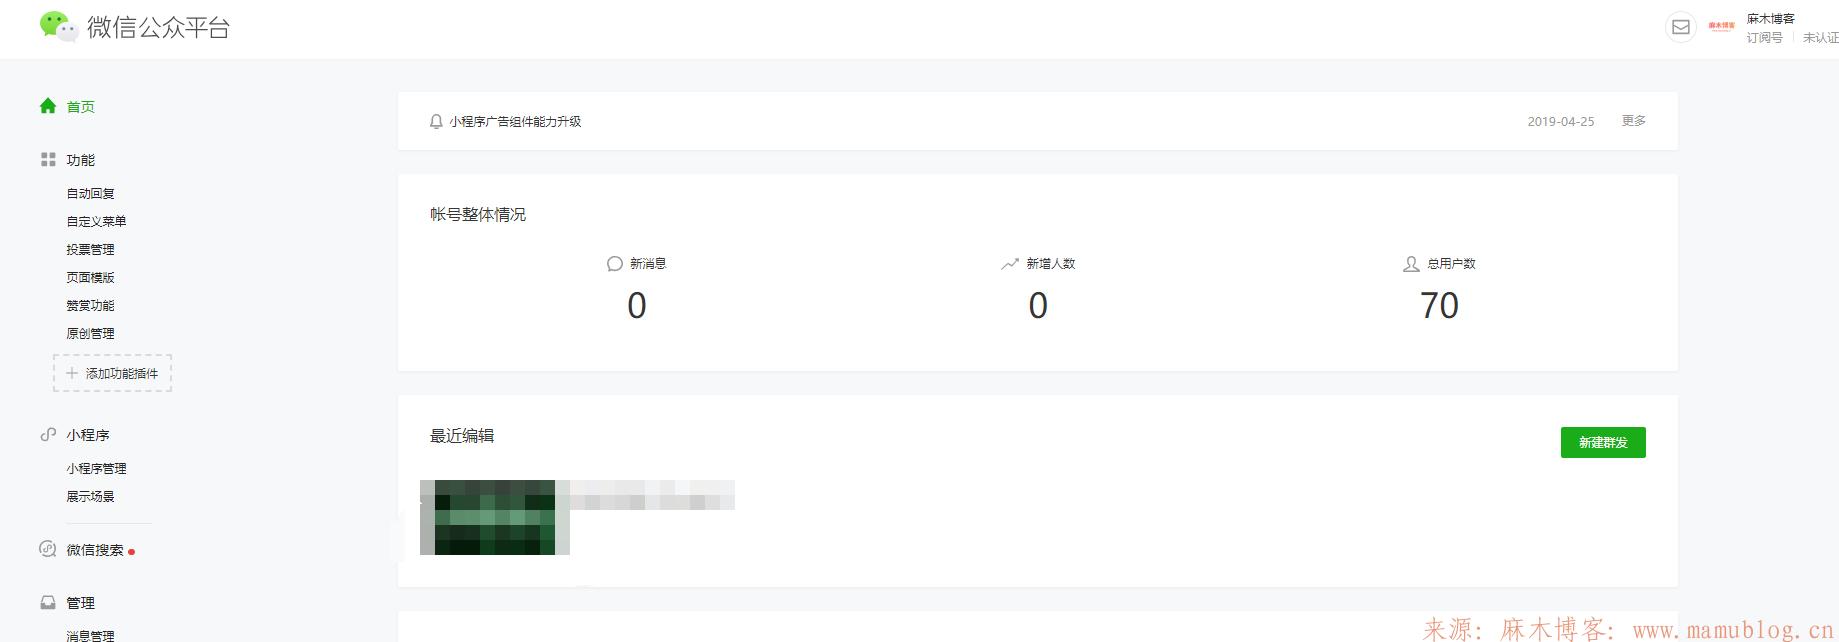 如何注册属于自己的微信订阅号(公众号) 如何注册微信公众号 第8张